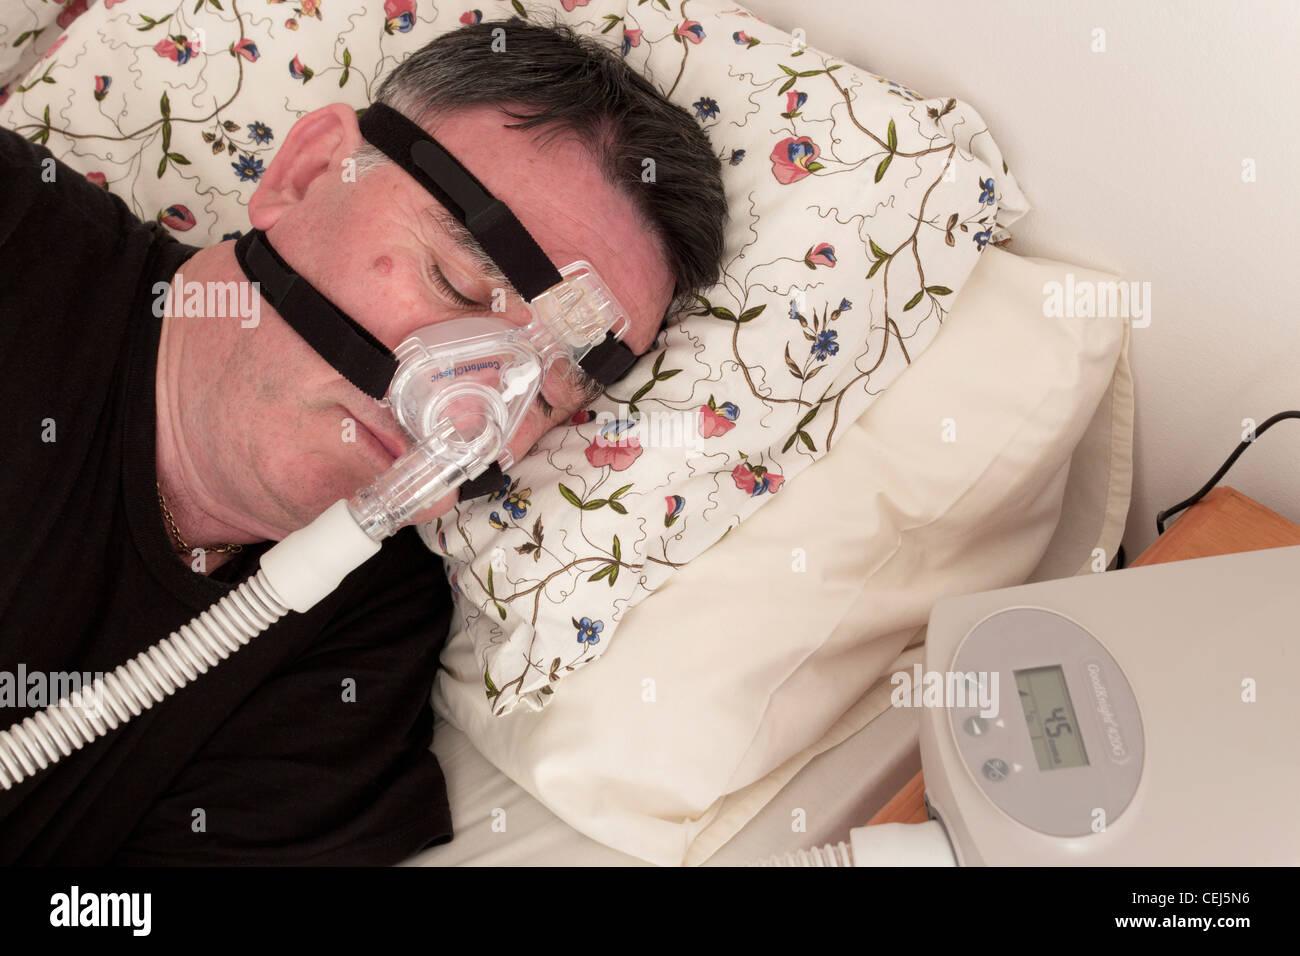 Uomo che utilizza un CPAP maschera facciale e la macchina utilizzata per il trattamento di apnea nel sonno. Immagini Stock